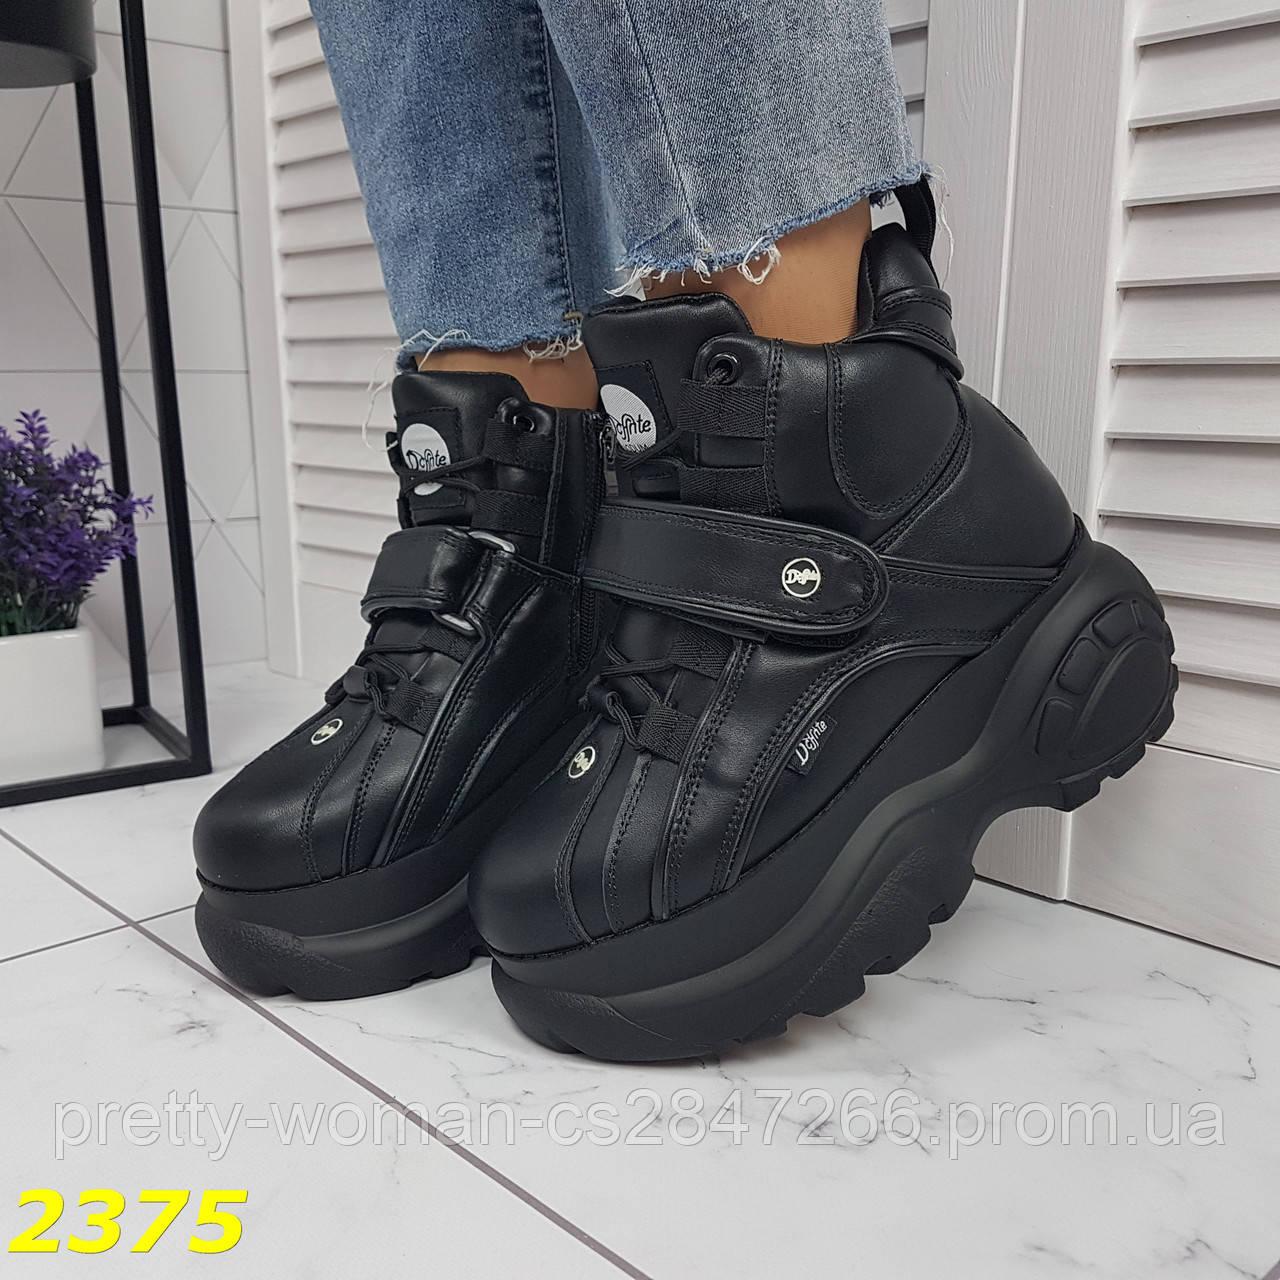 Кросівки, черевики на високій платформі зимові чорні